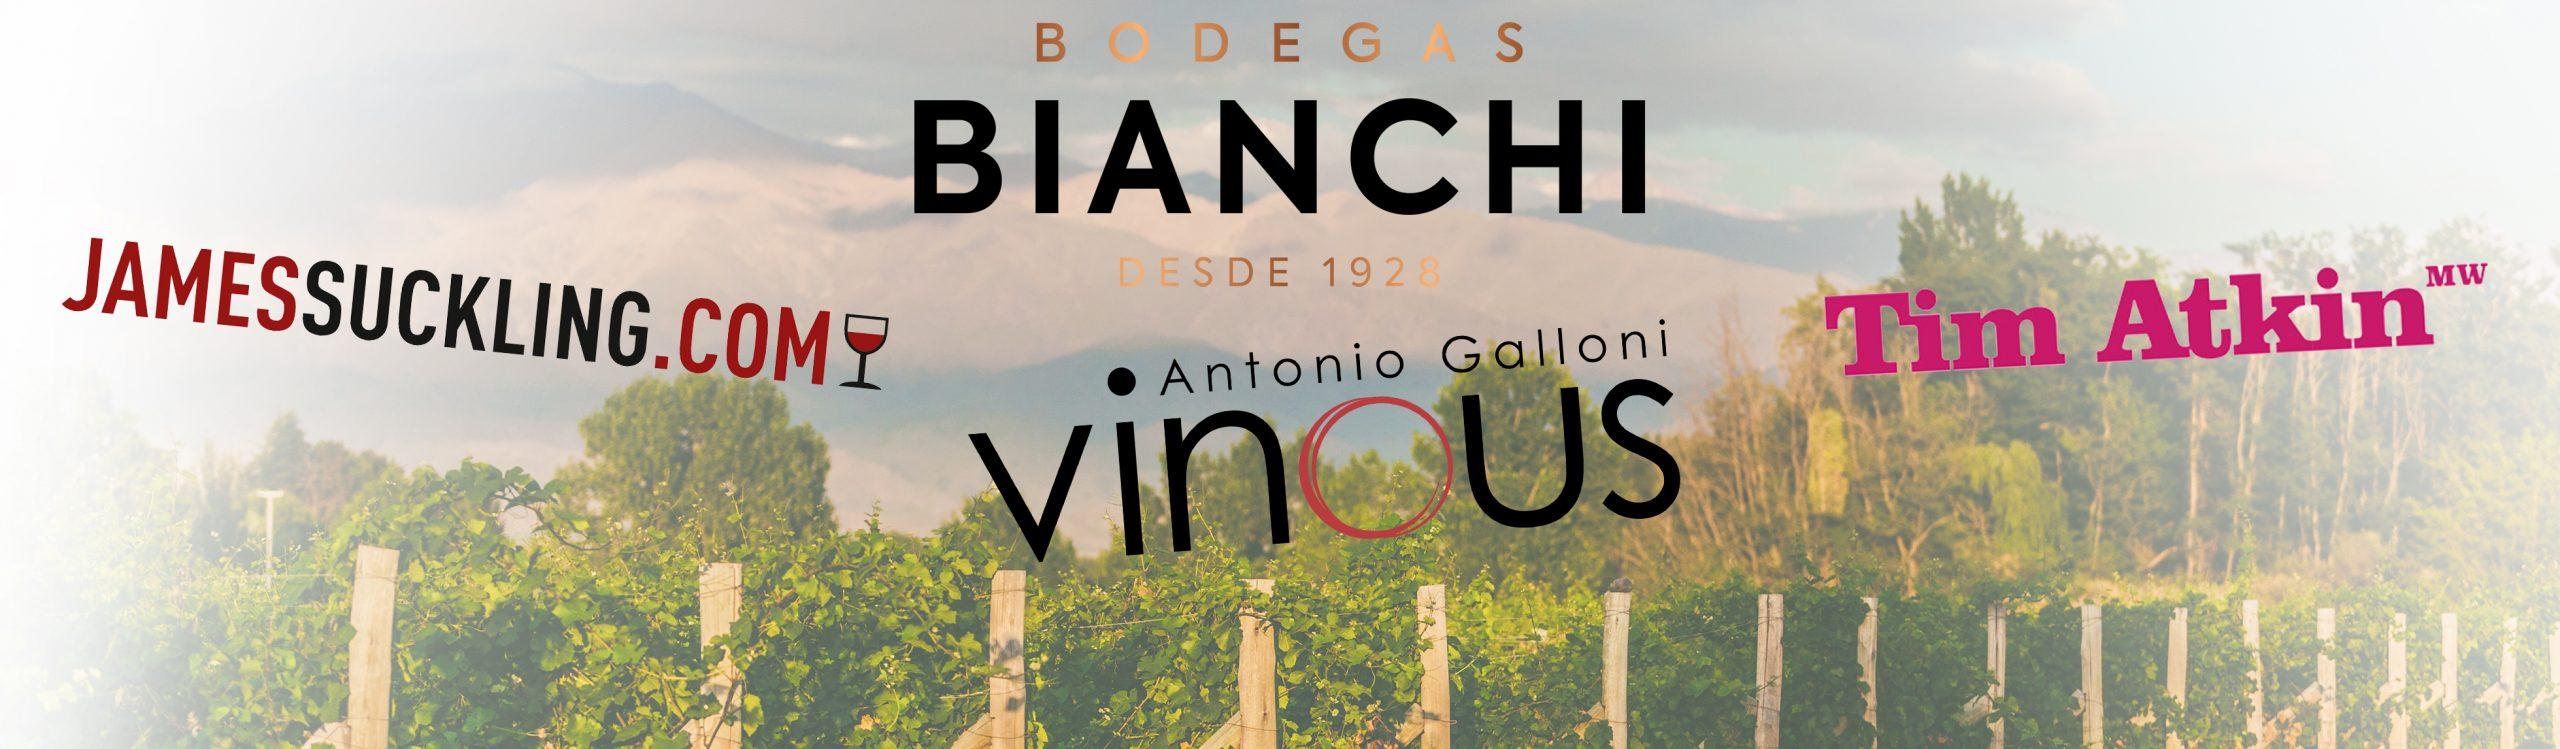 Bodegas Bianchi valt in de prijzen